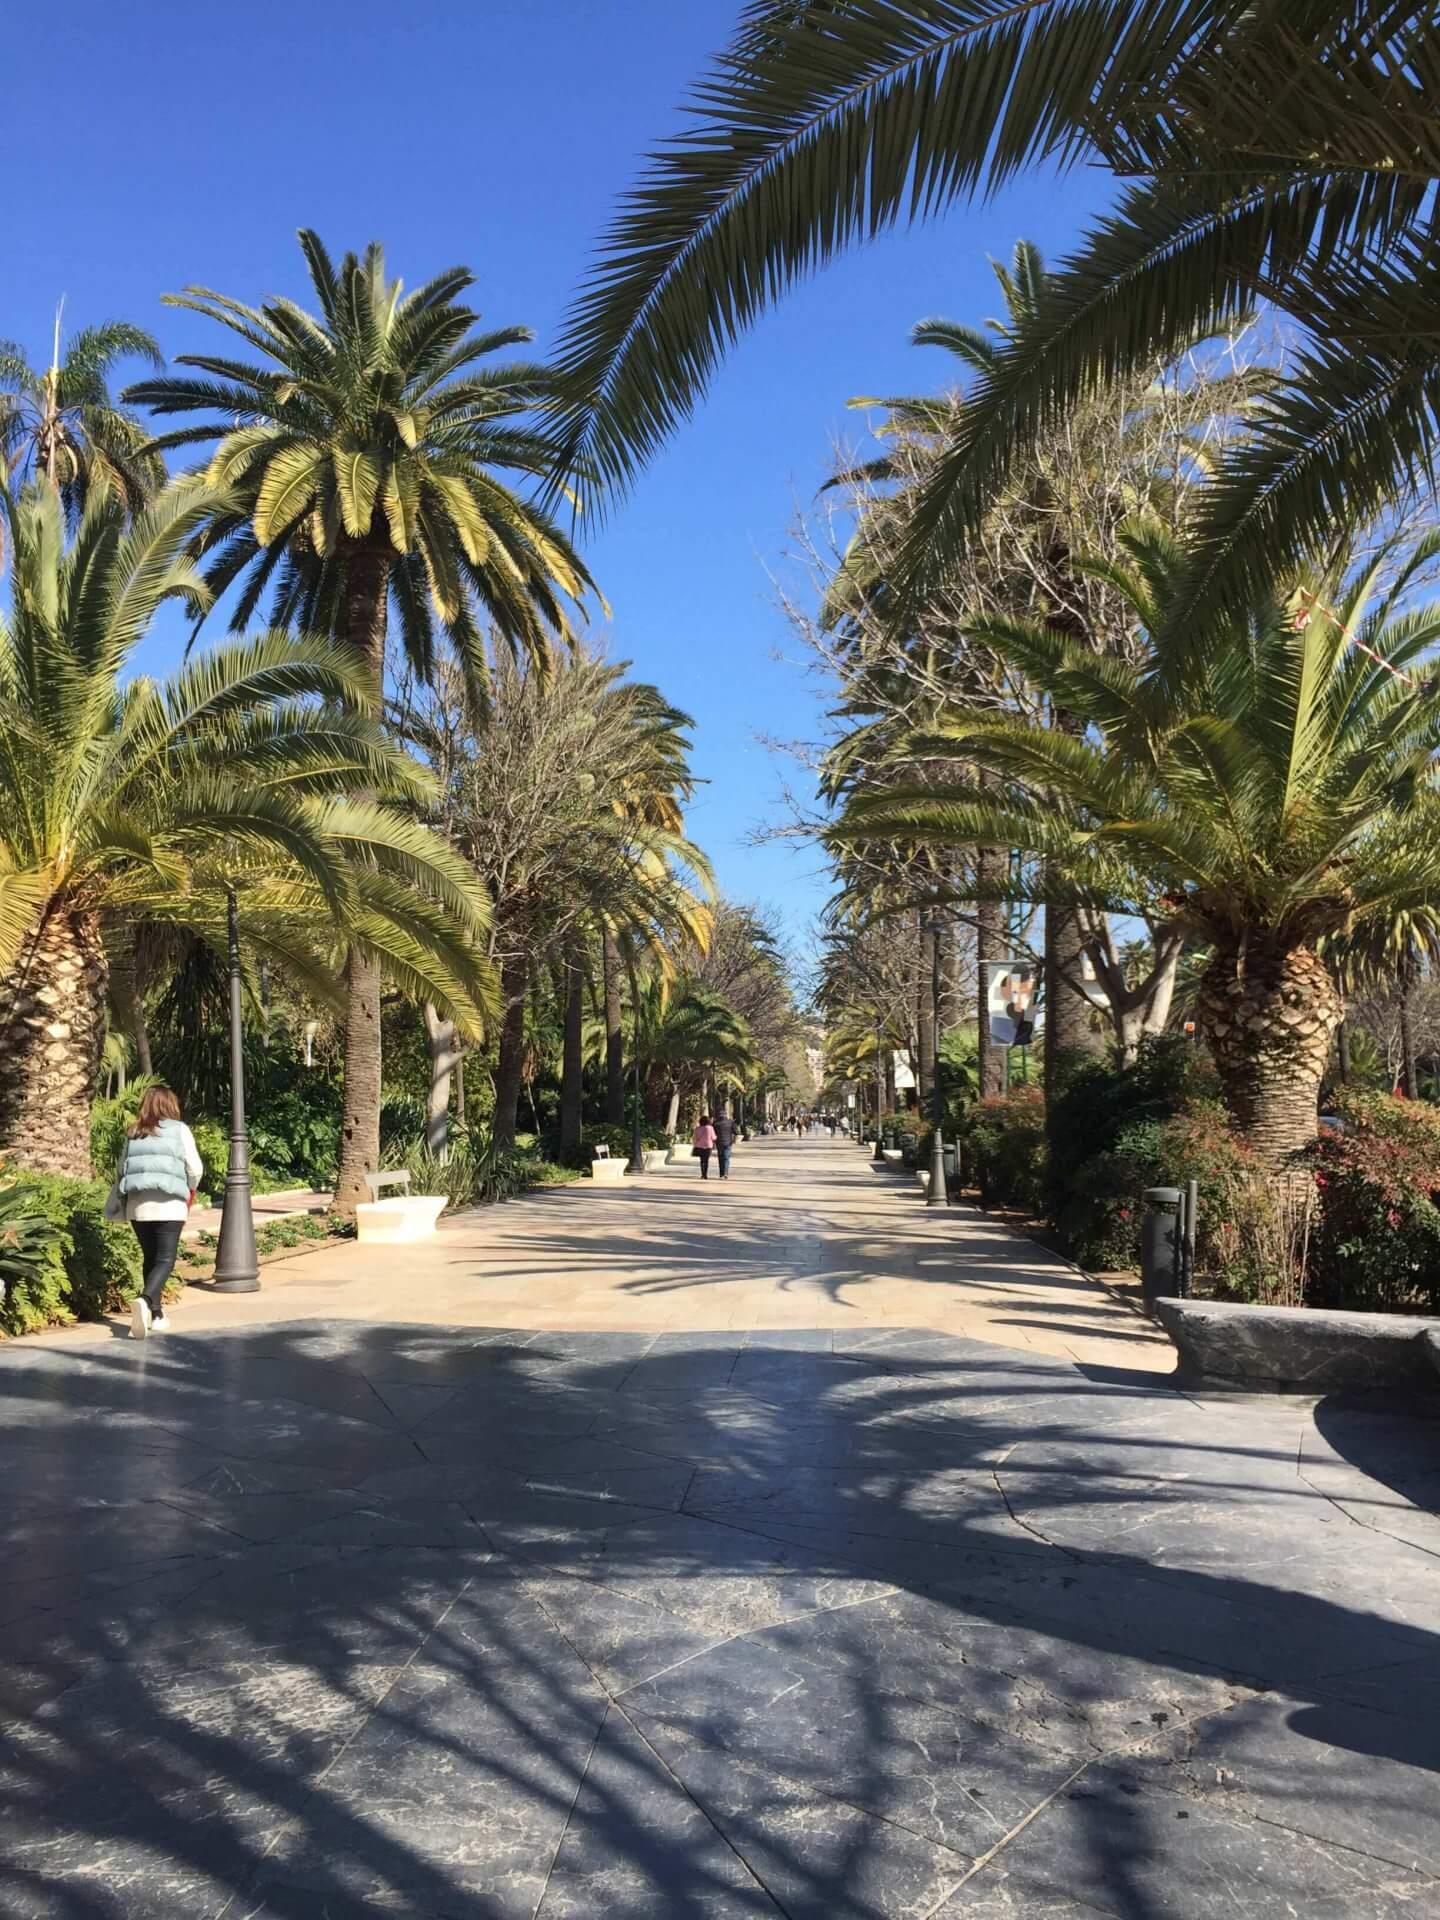 Stredoškolský výmenný pobyt v zahraničí, skúsenosti Lucie